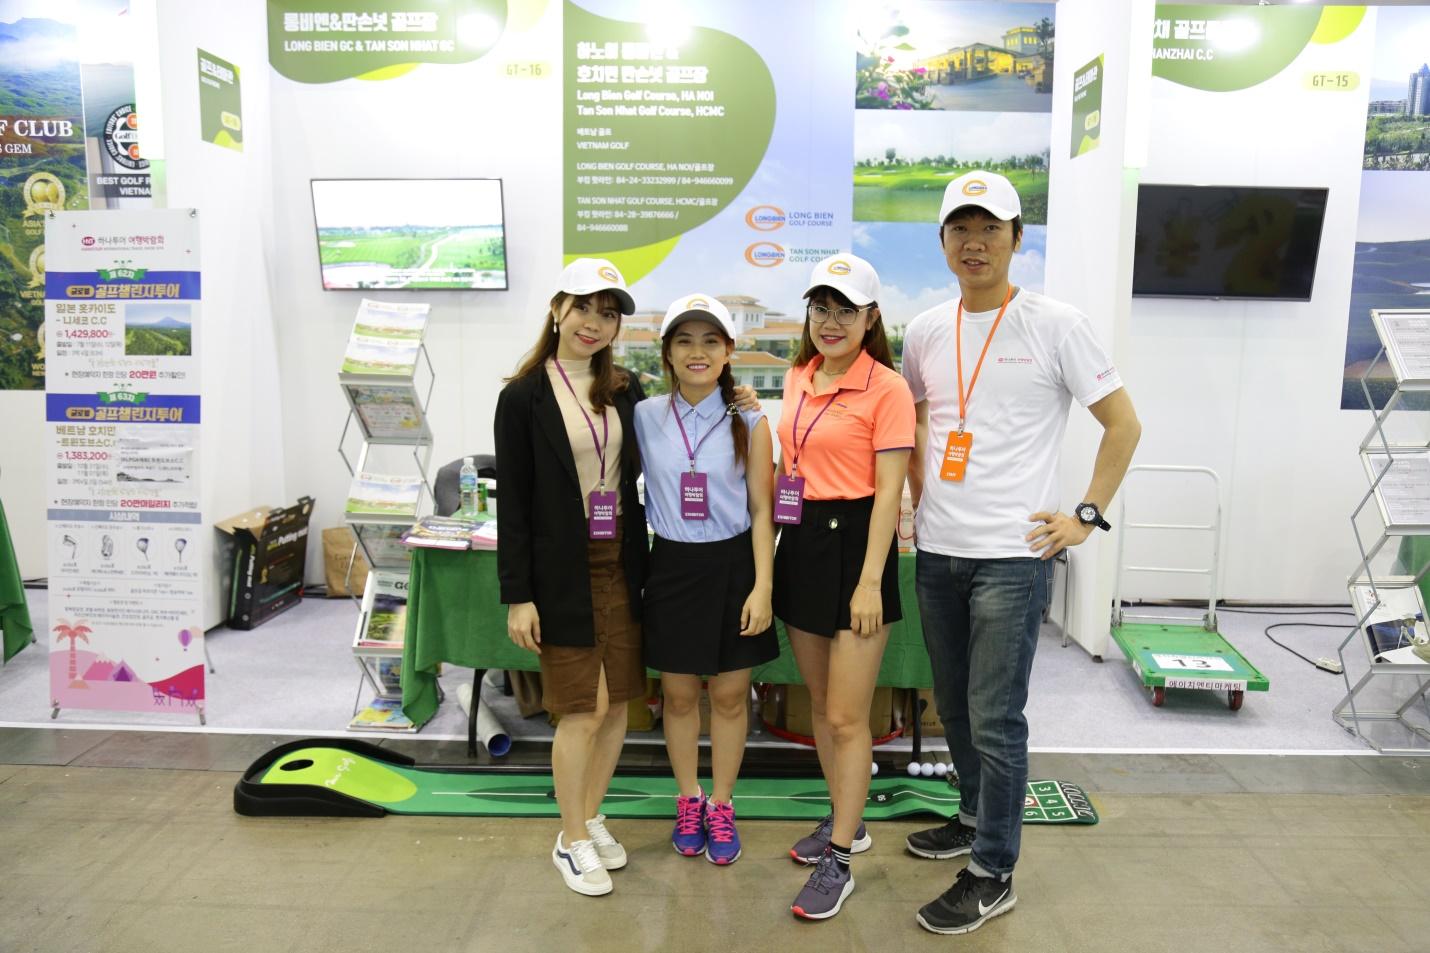 Sân Golf Long Biên và Sân Golf Tân Sơn Nhất tham gia Hội chợ du lịch quốc tế Hanatour 2018 tại Hàn Quốc